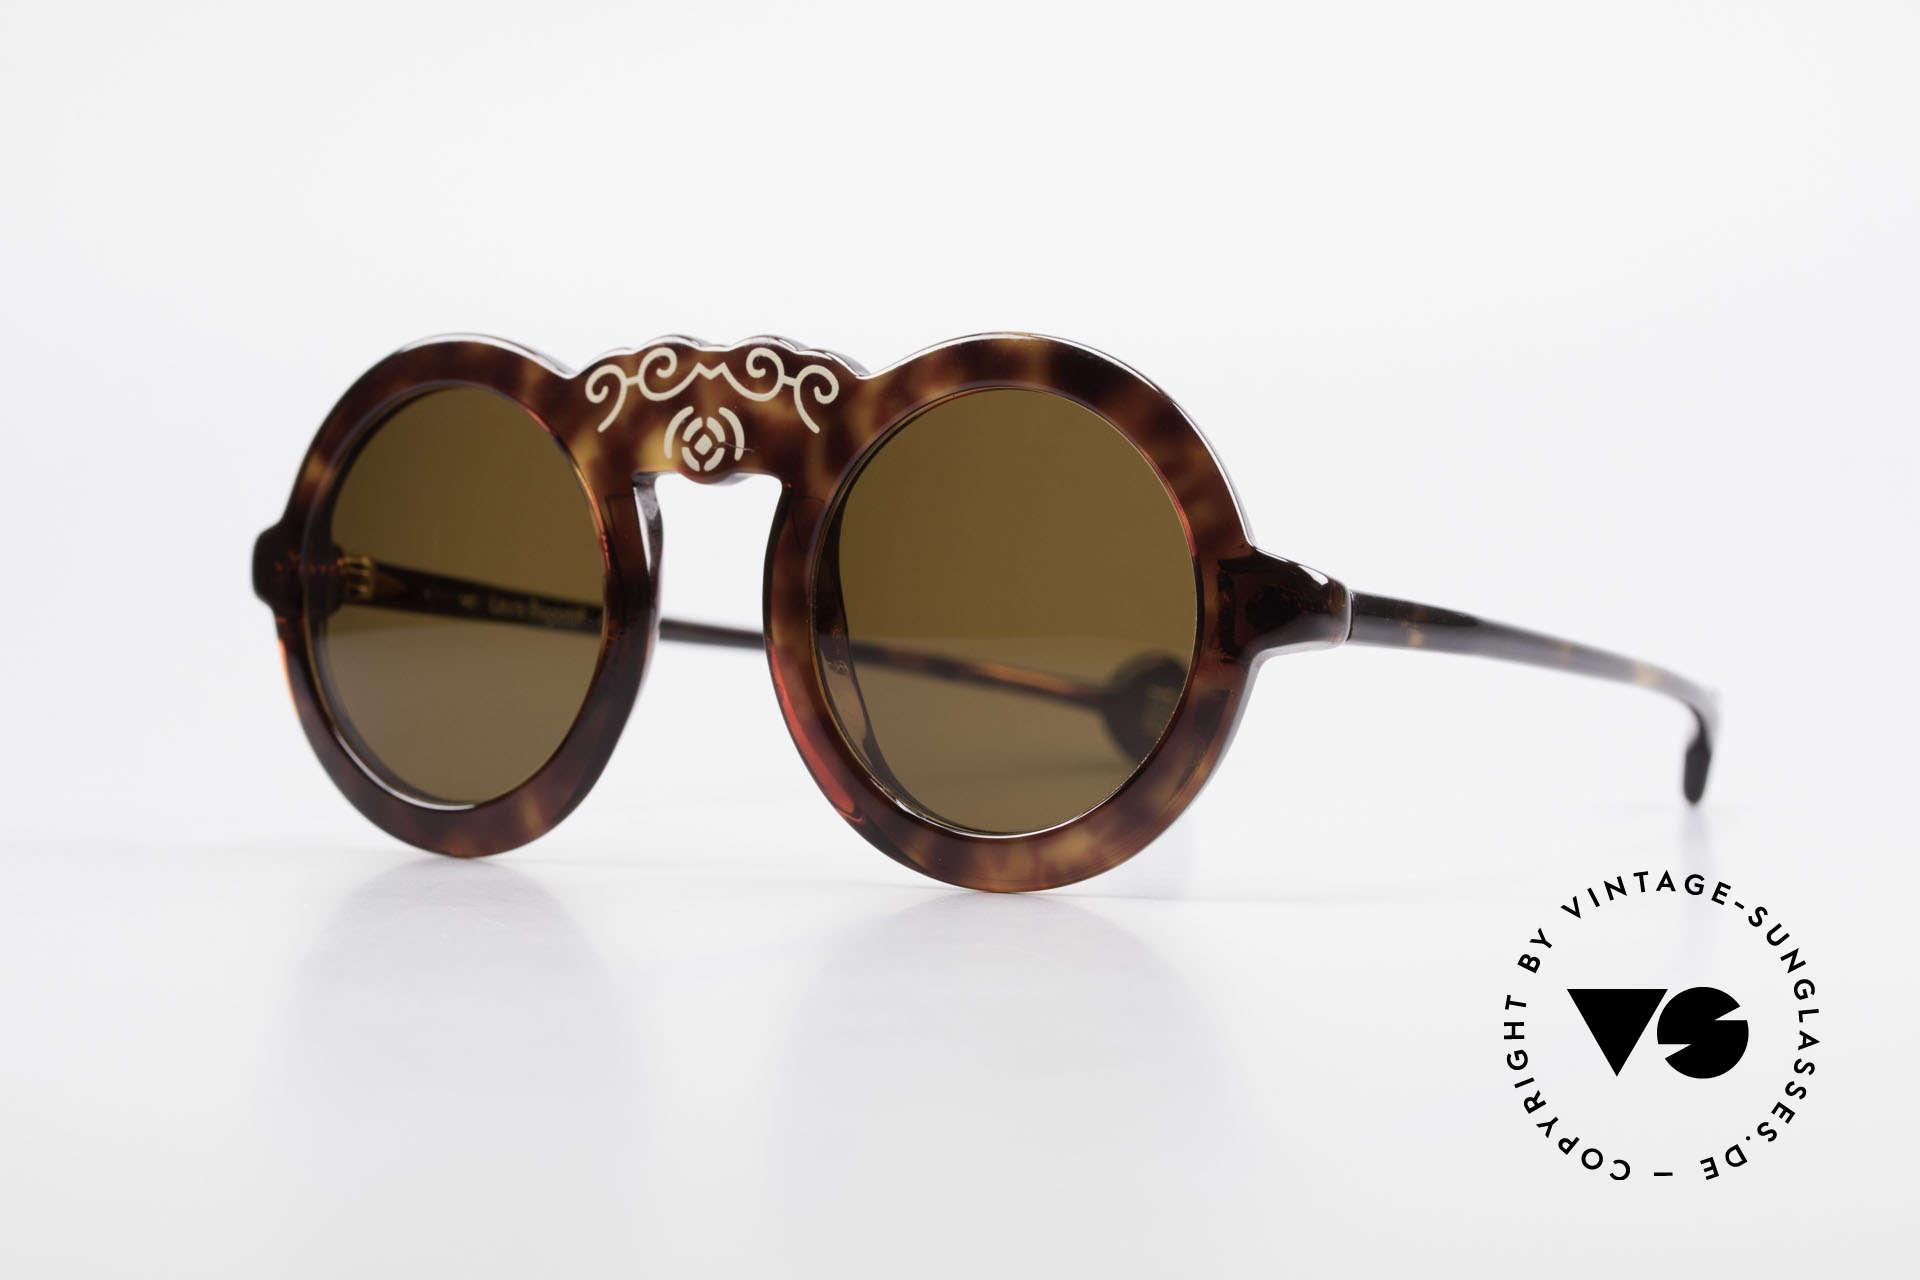 Laura Biagiotti V93 Shangai True Vintage Sonnenbrille 70er, einzigartig schickes Rahmenmuster mit LB Soft-Etui, Passend für Damen